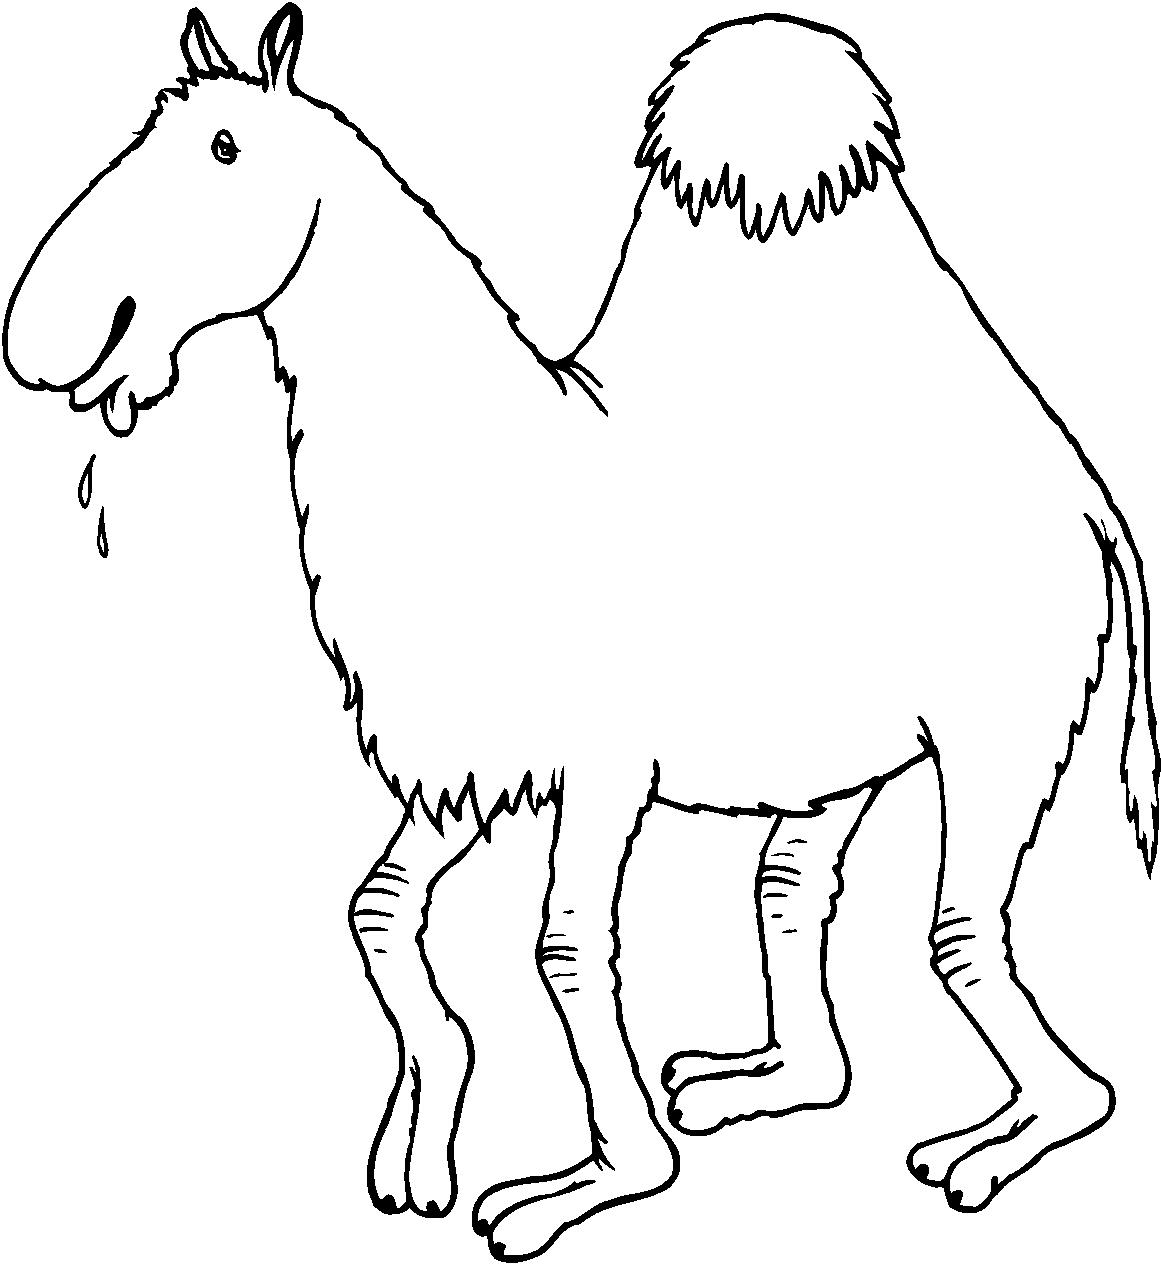 Disegni animali da stampare e colorare imagixs picture to for Disegni da stampare e colorare di cani